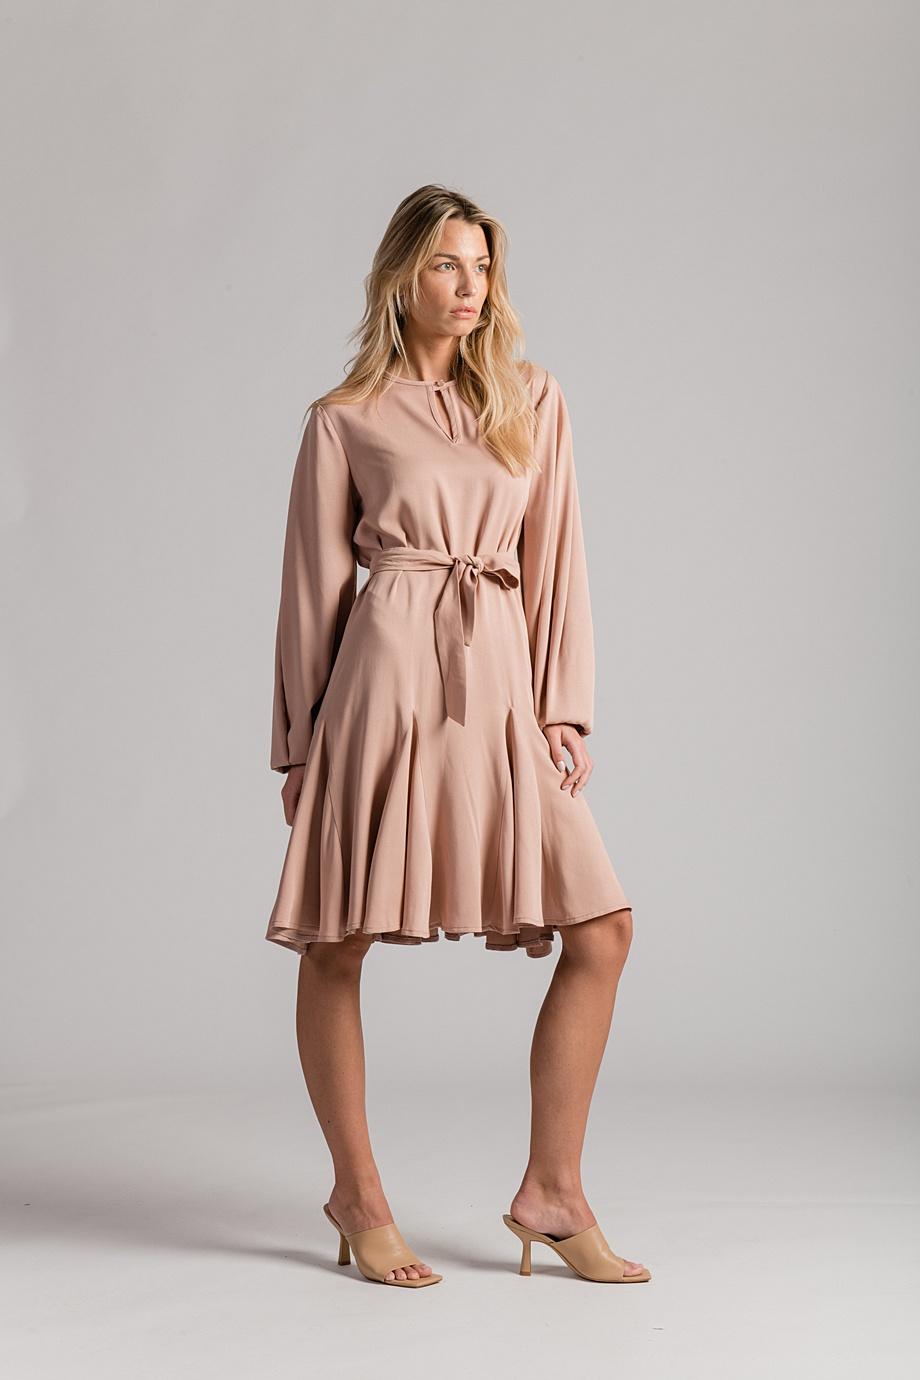 Haljina Vita - 990kn - 100% viskoza - 36-38 - 40-42 - puder roza- LuLu Couture (4)